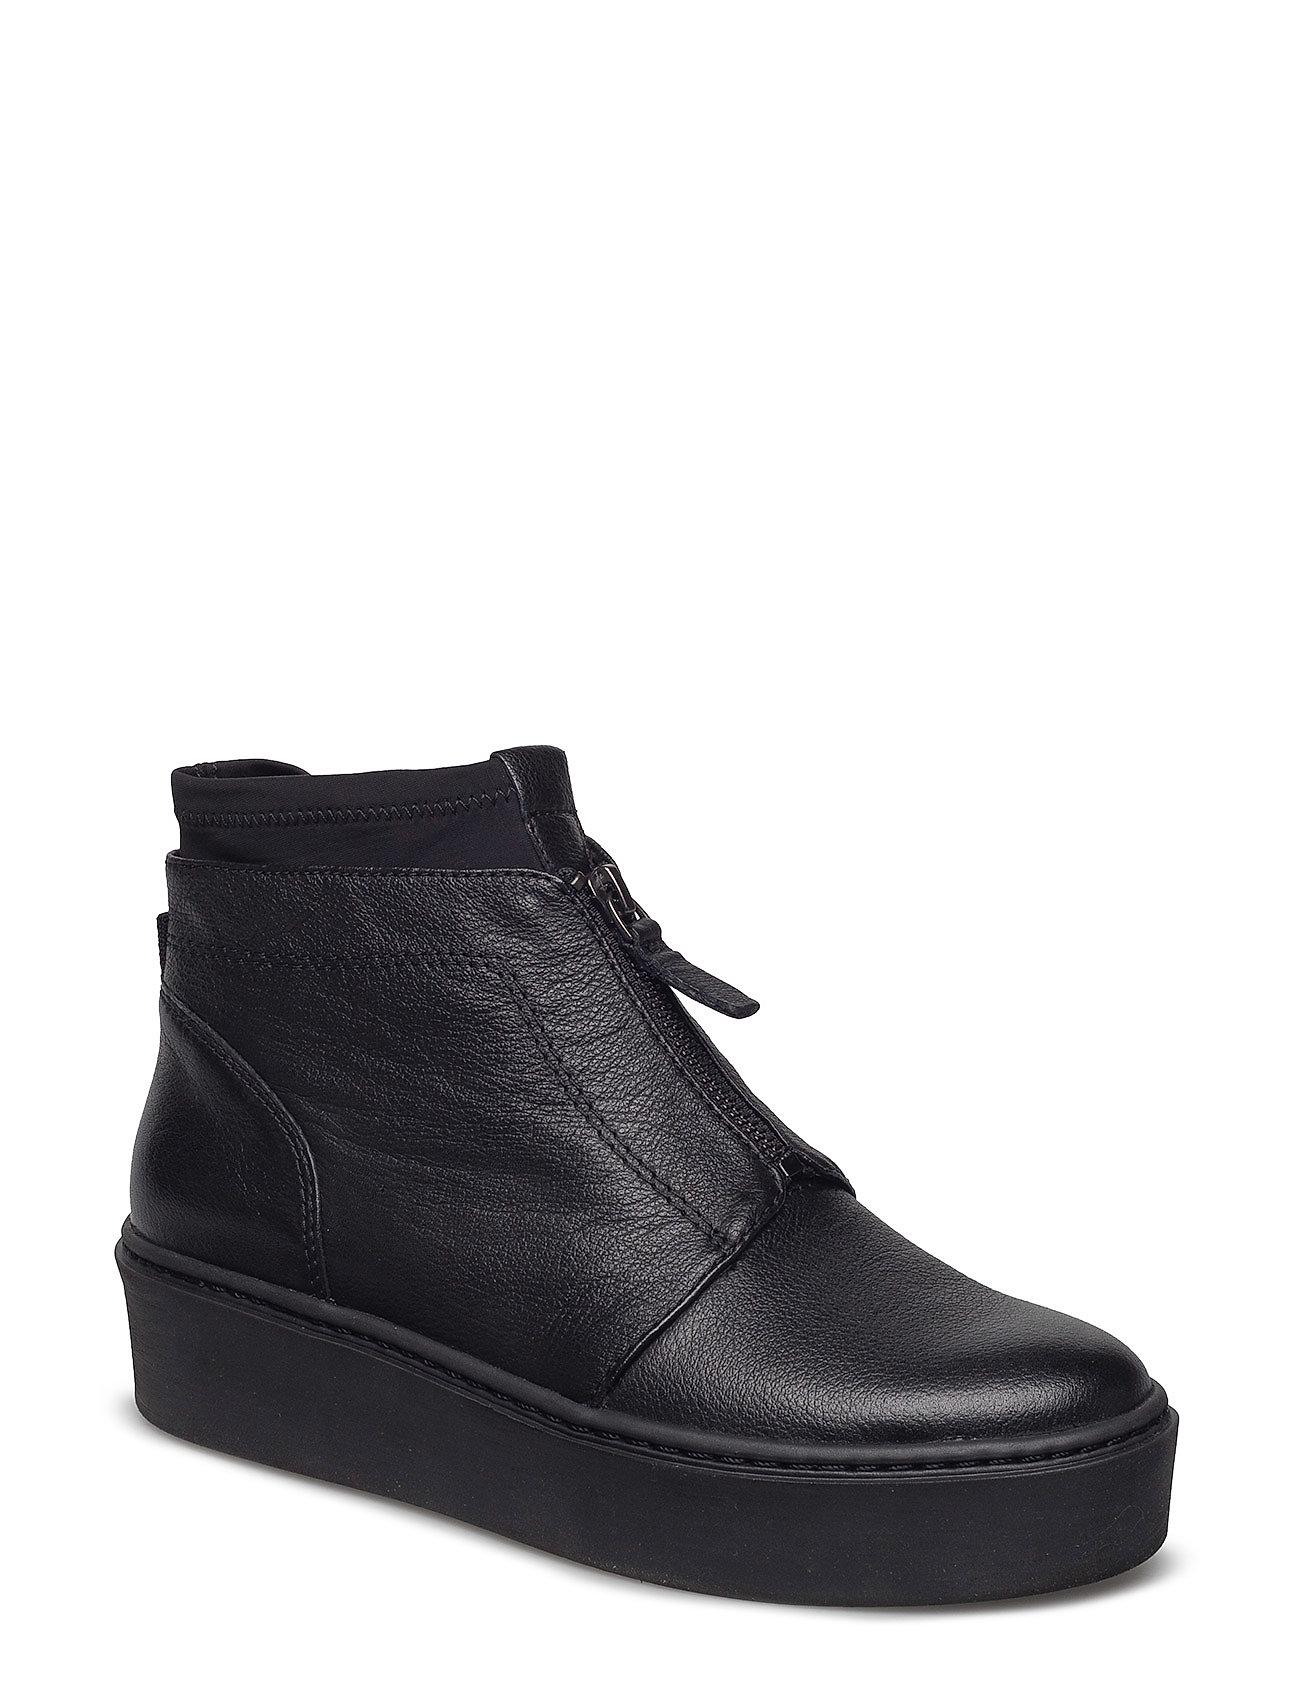 Woms boots - freya fra tamaris på boozt.com dk